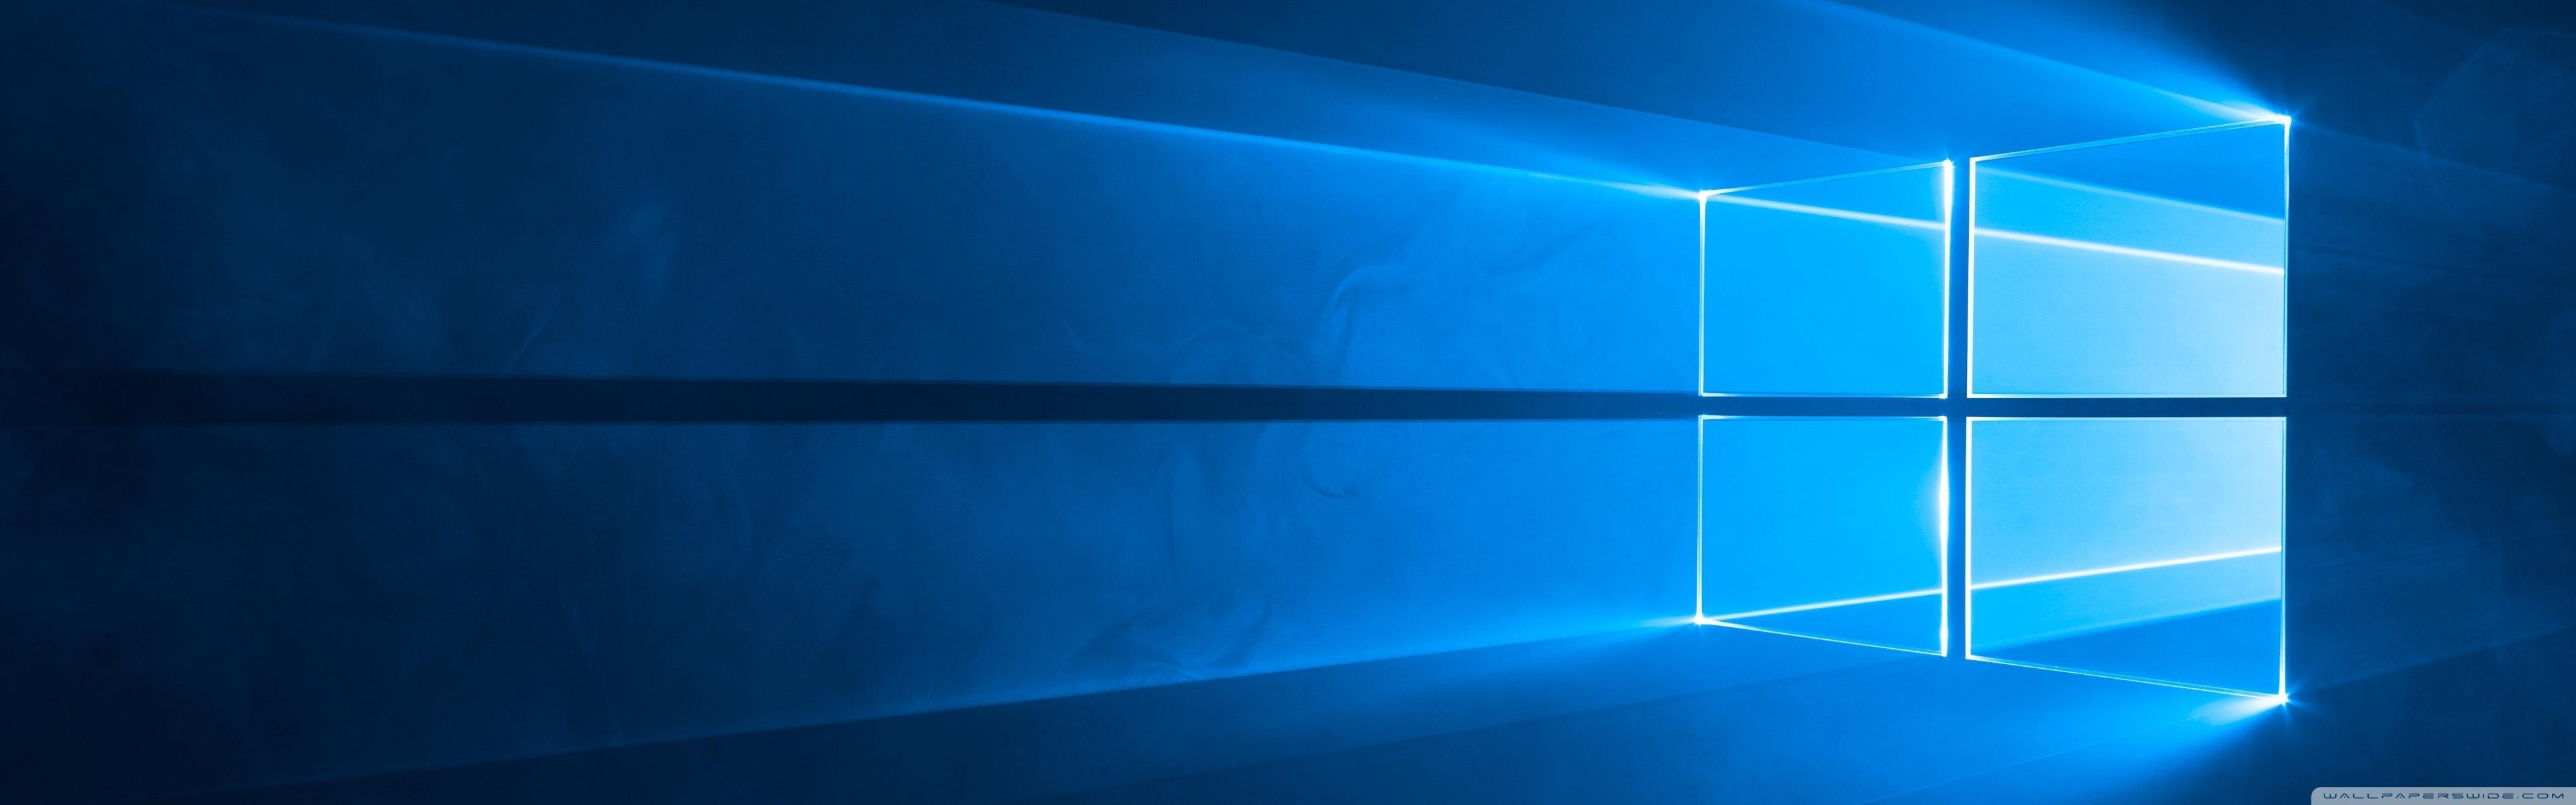 windows 10 hero 4k ❤ 4k hd desktop wallpaper for • wide & ultra